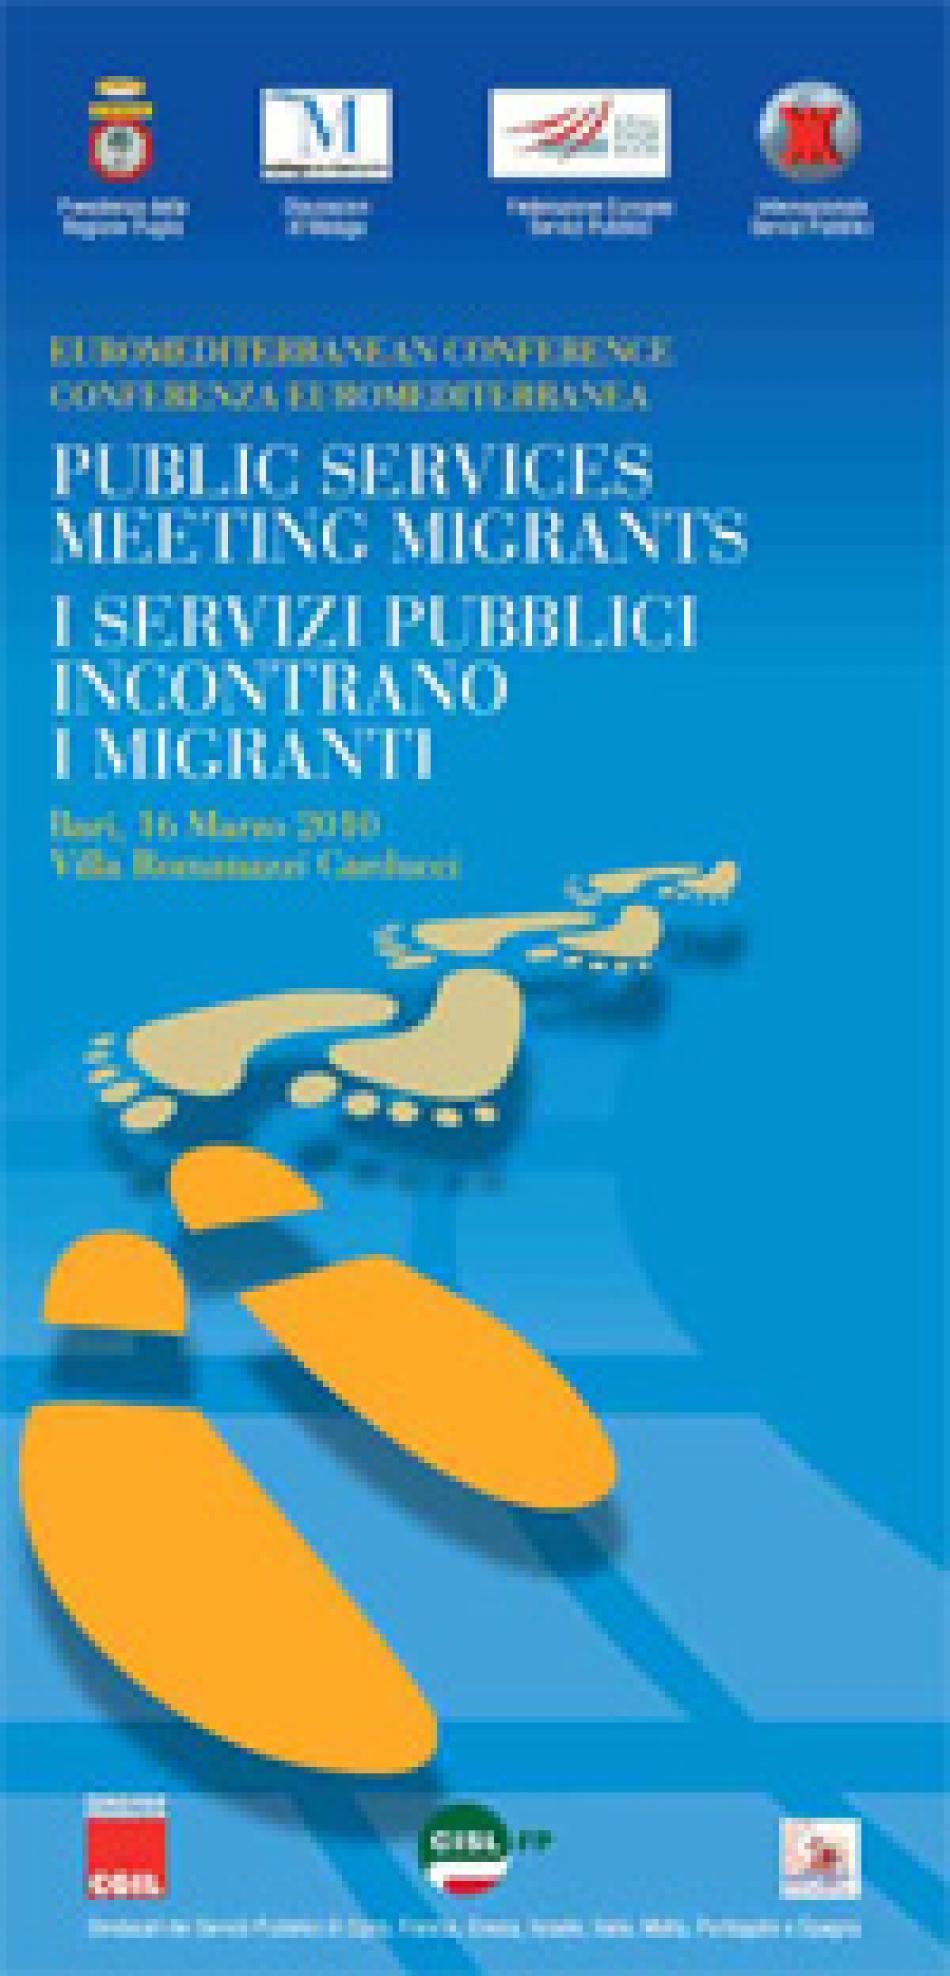 2010 Bari Programma light-1 copy